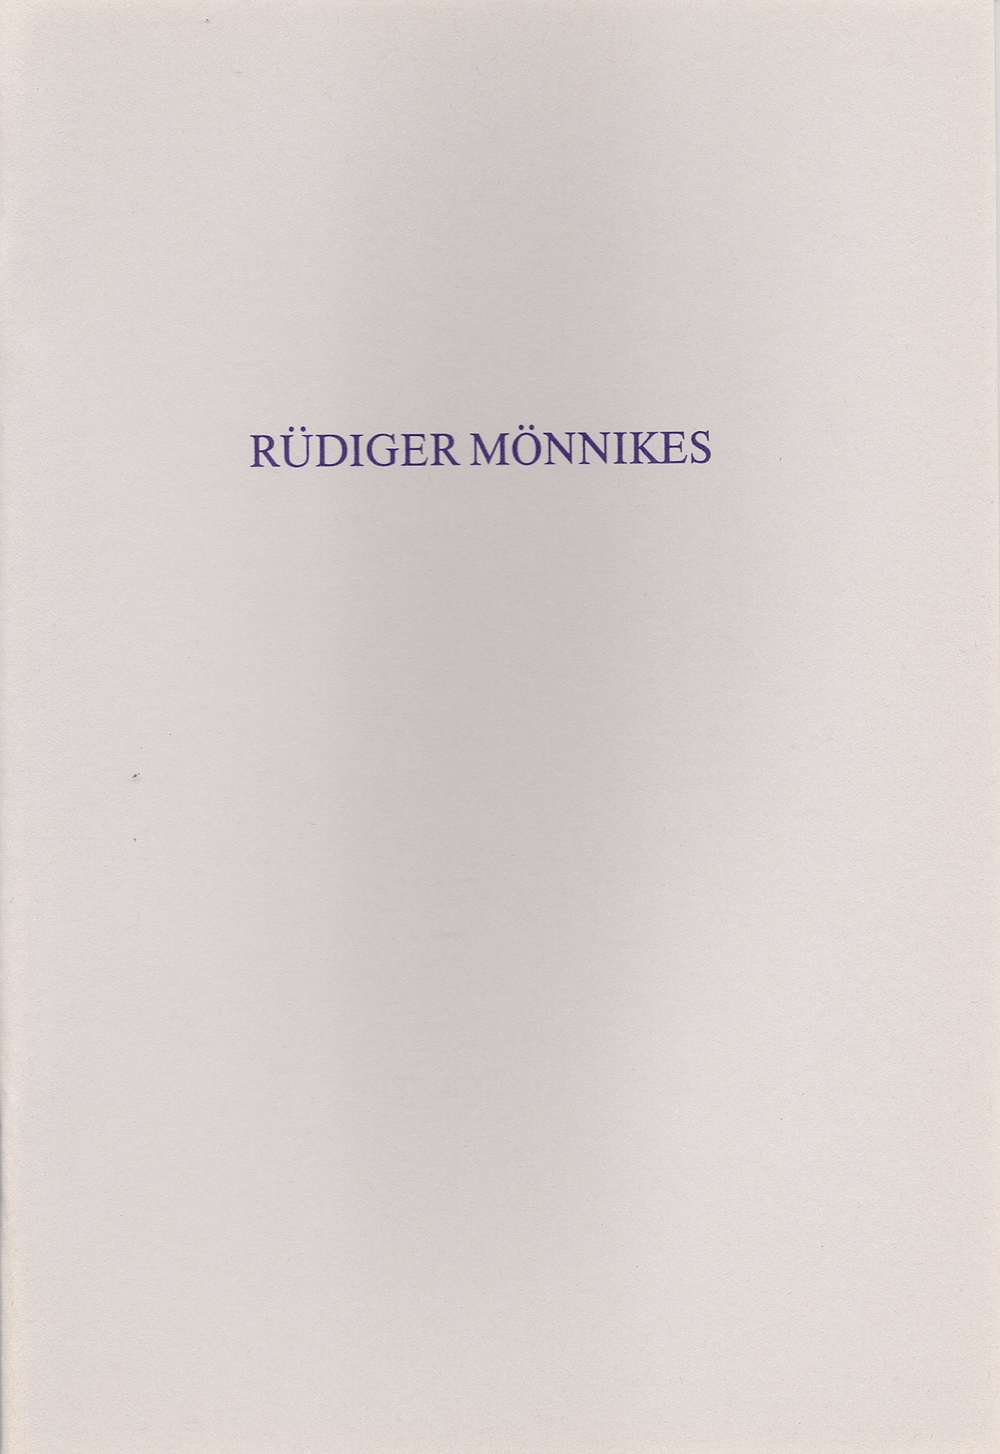 Rüdiger Mönnikes,Bilder, 1990